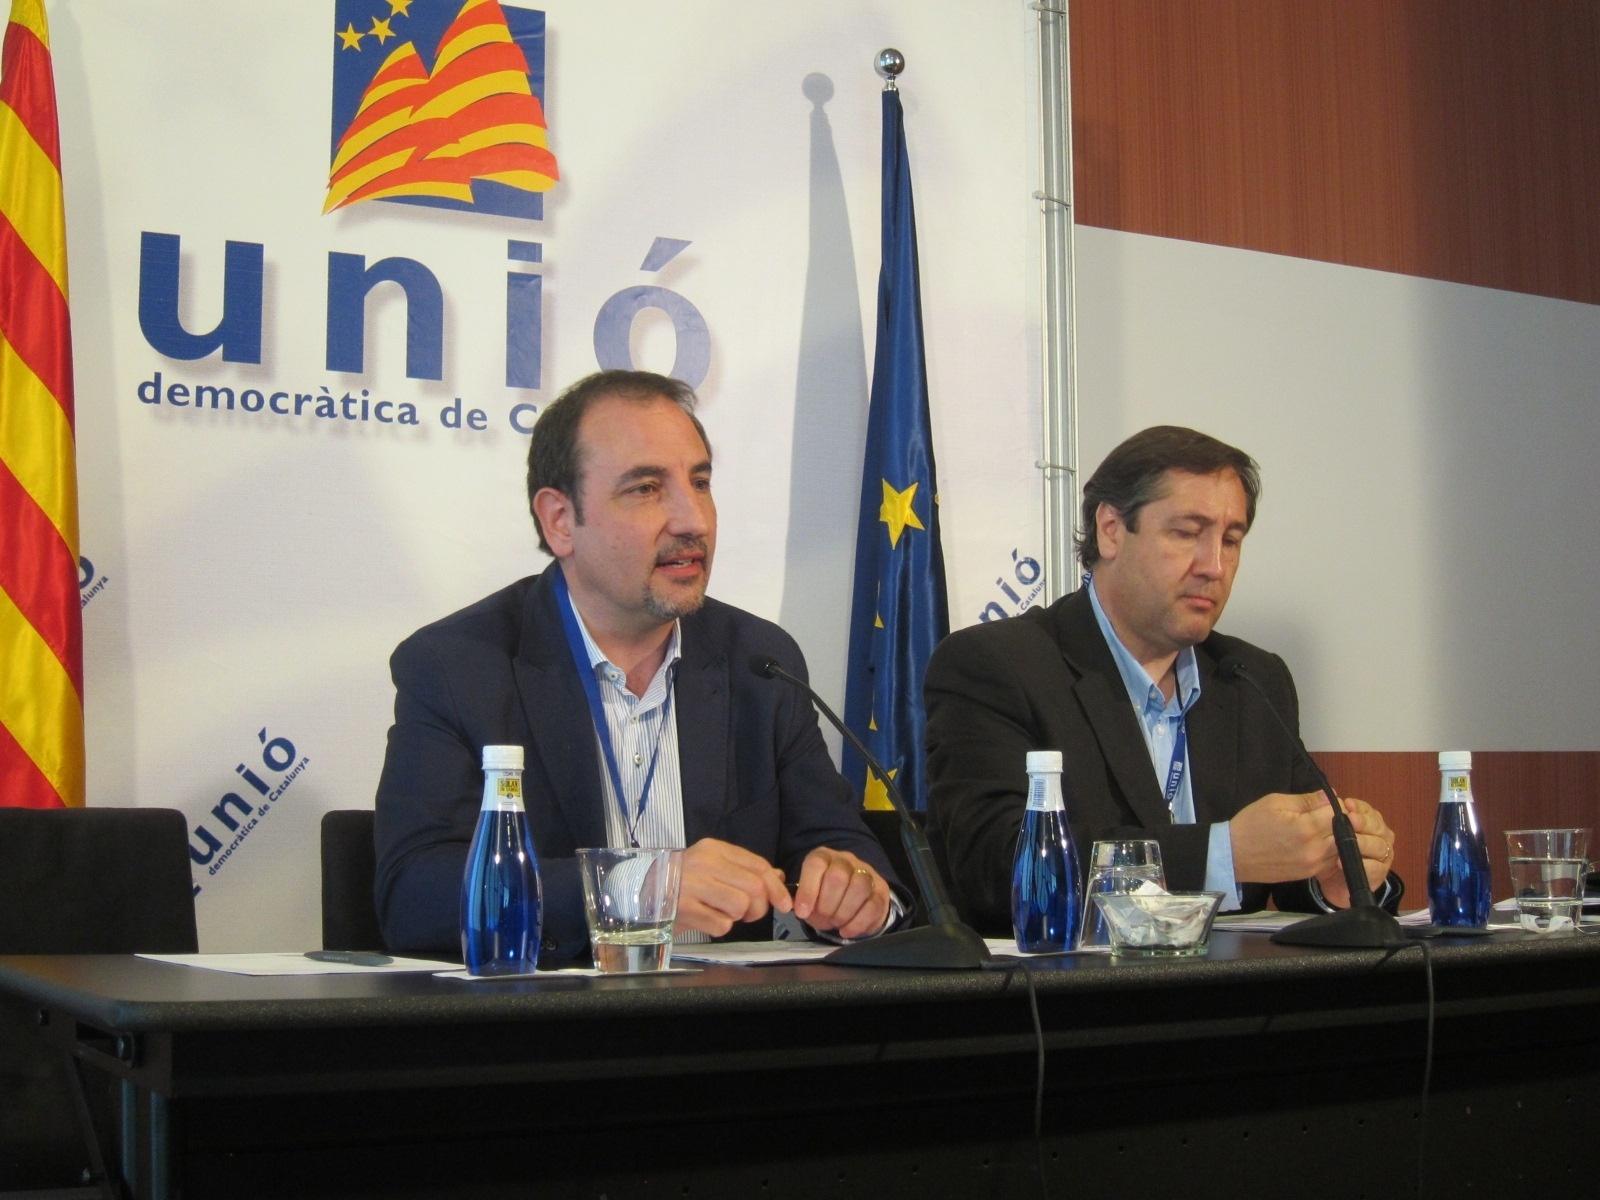 UDC reivindica su compromiso con el »derecho a decidir» y defenderá la consulta «hasta el final»